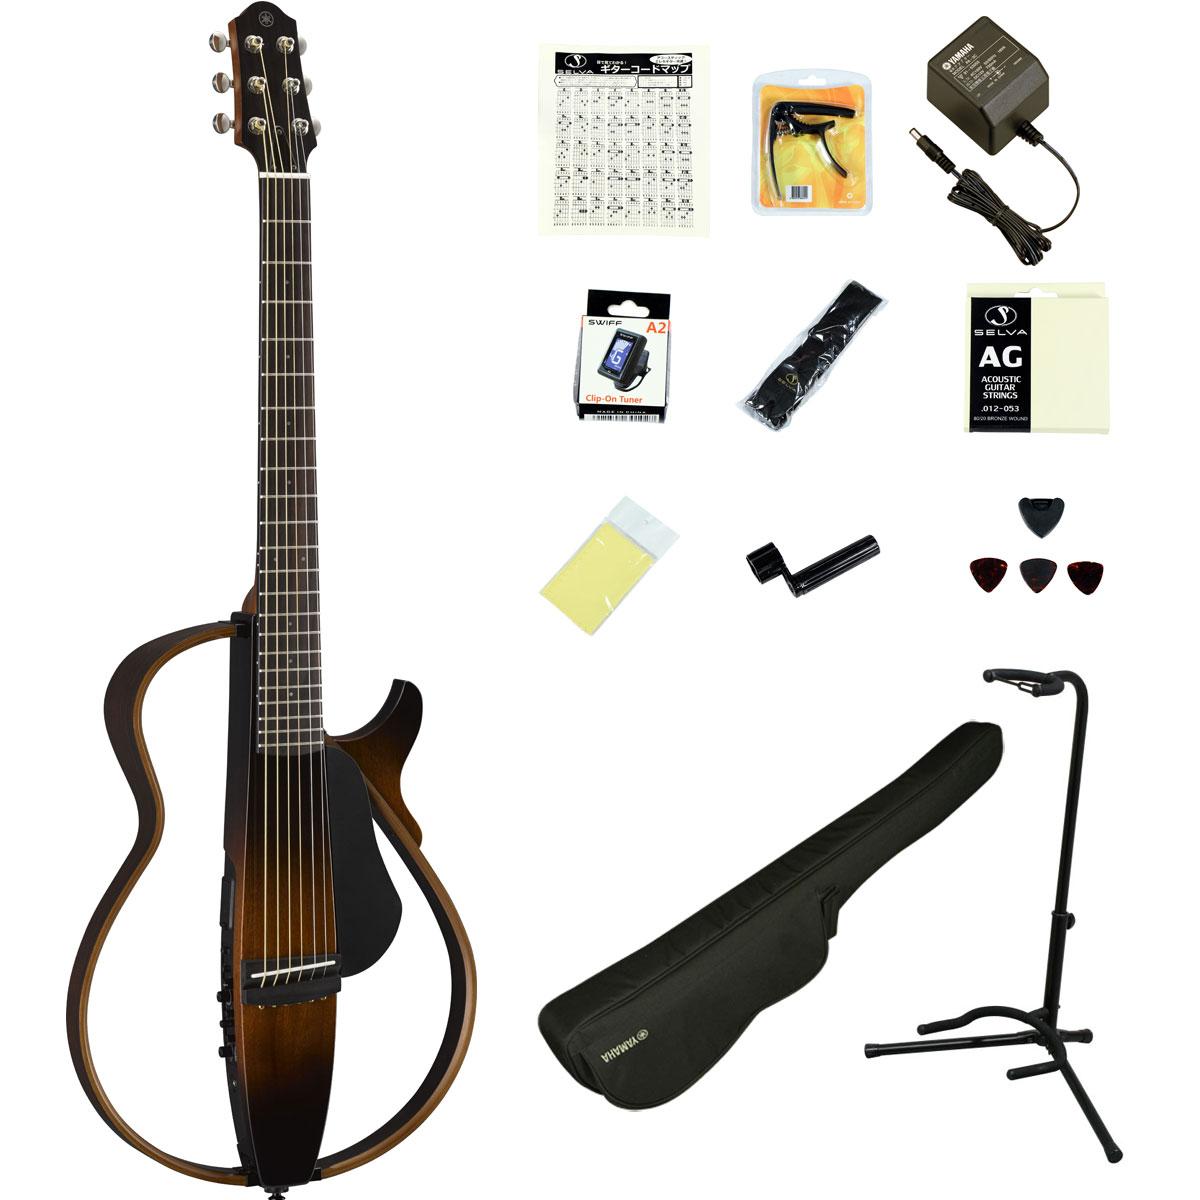 大人気のヤマハ サイレントギター、16点セット! YAMAHA / SLG200S TBS (タバコブラウンサンバースト) 【充実のアクセサリーつき16点セット】 ヤマハ サイレントギター アコースティックギター スチール弦仕様 SLG-200S【YRK】